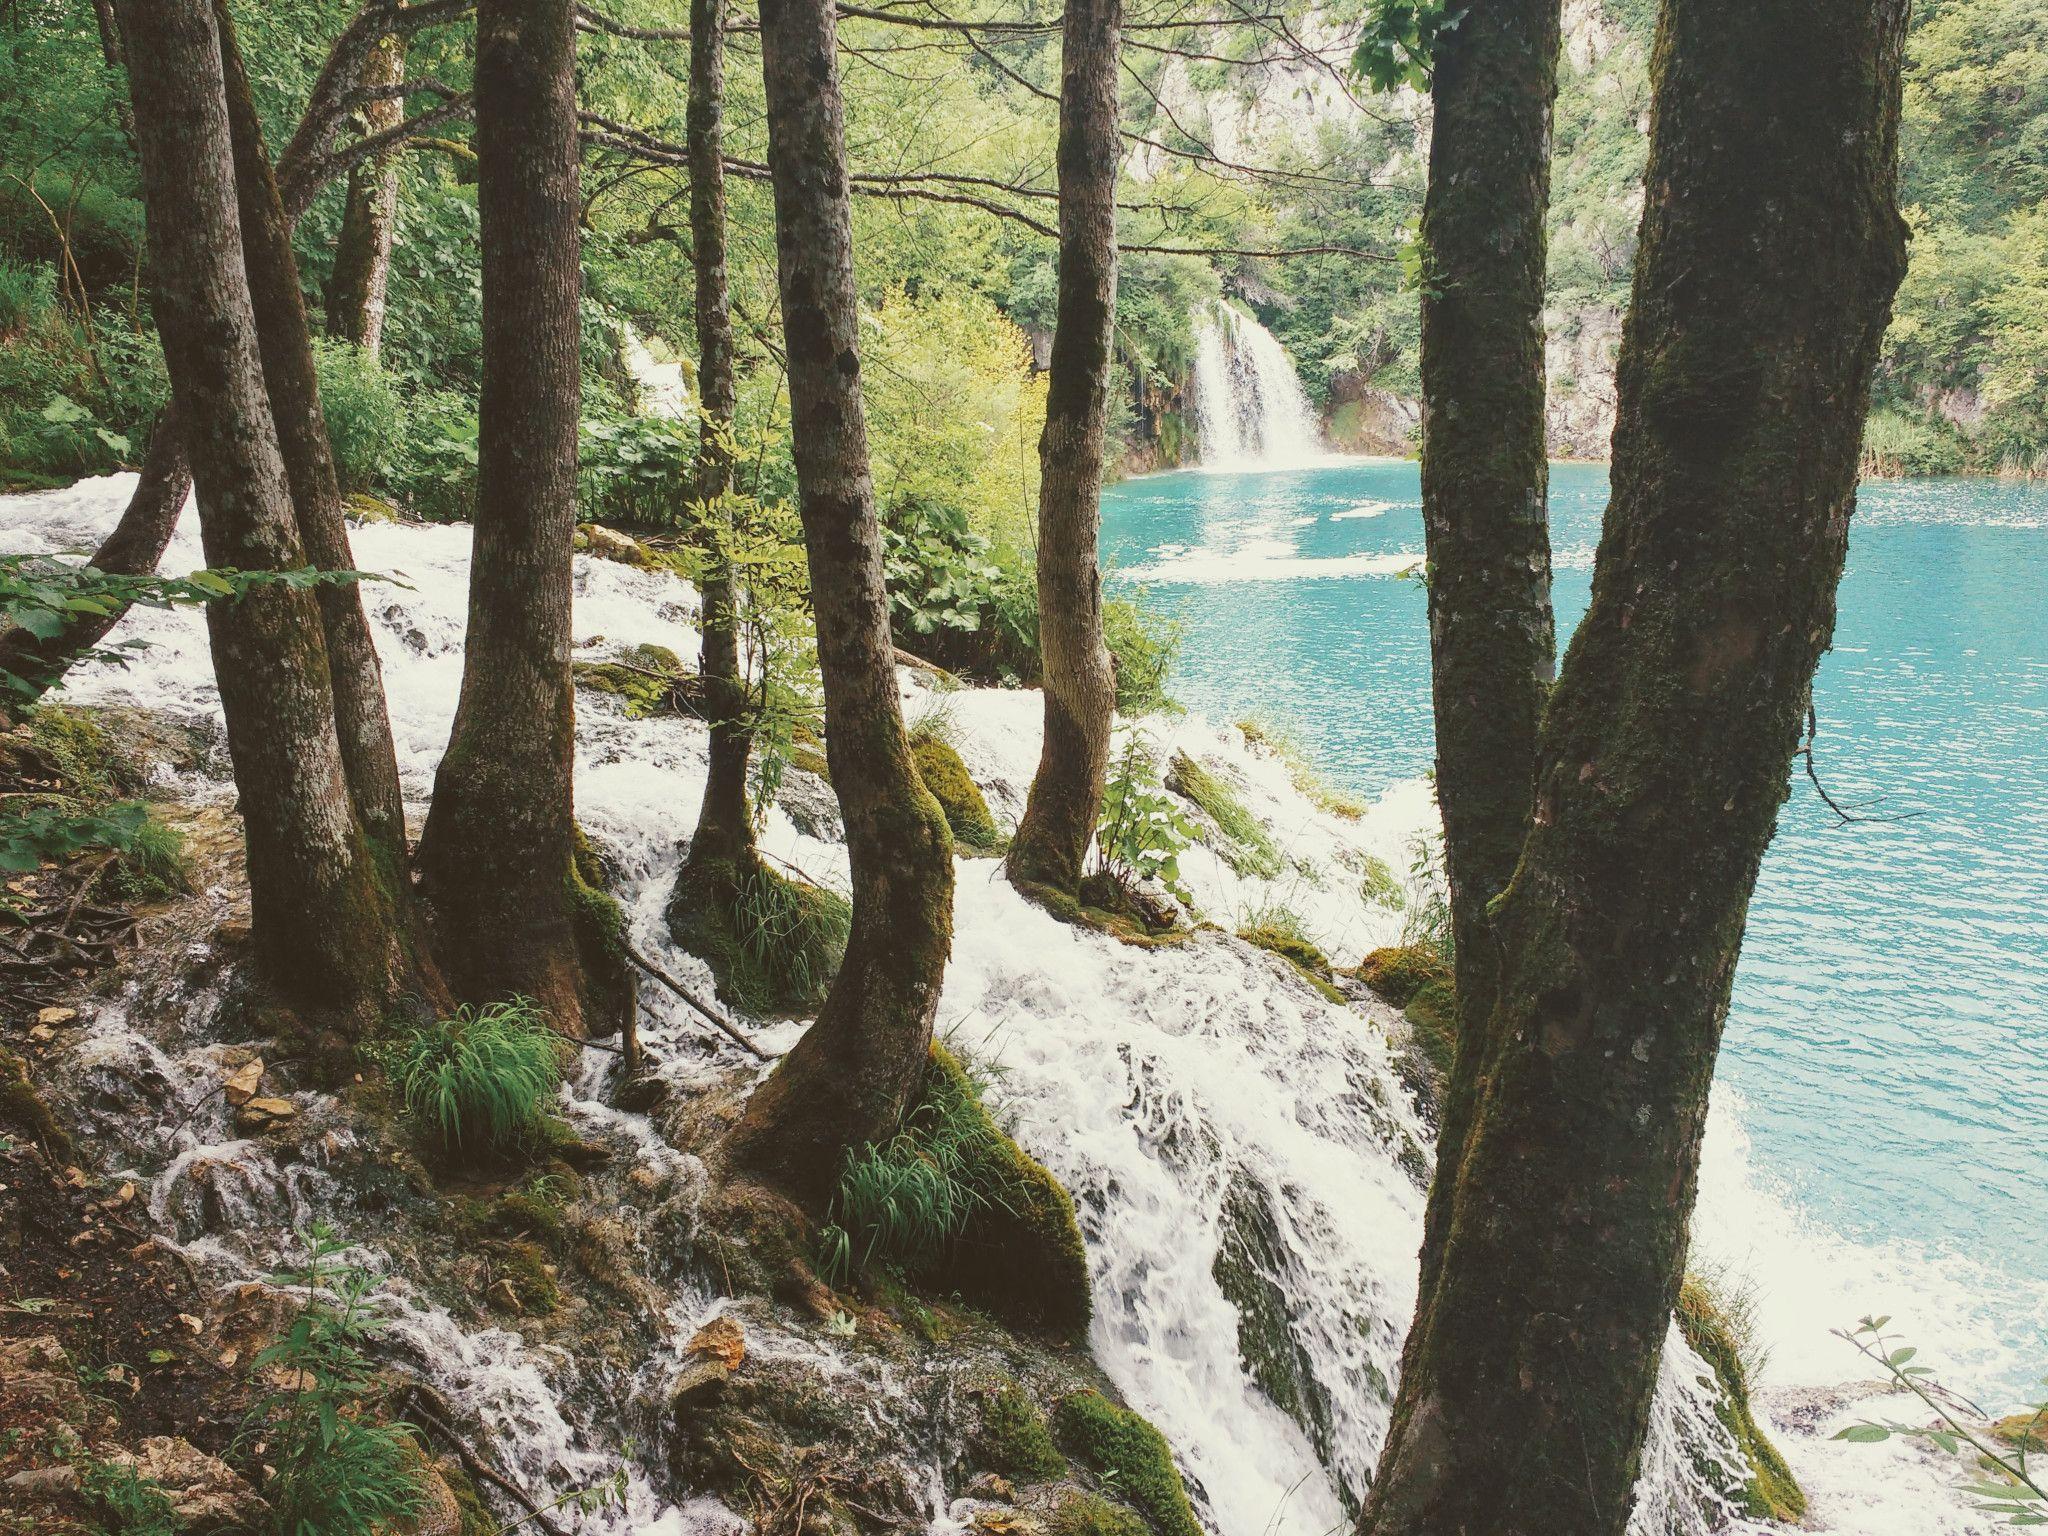 Highlights Of Croatia 1 Zagreb Karlovac Plitvice Lakes Plitvice Lakes Plitvice Lakes National Park Karlovac